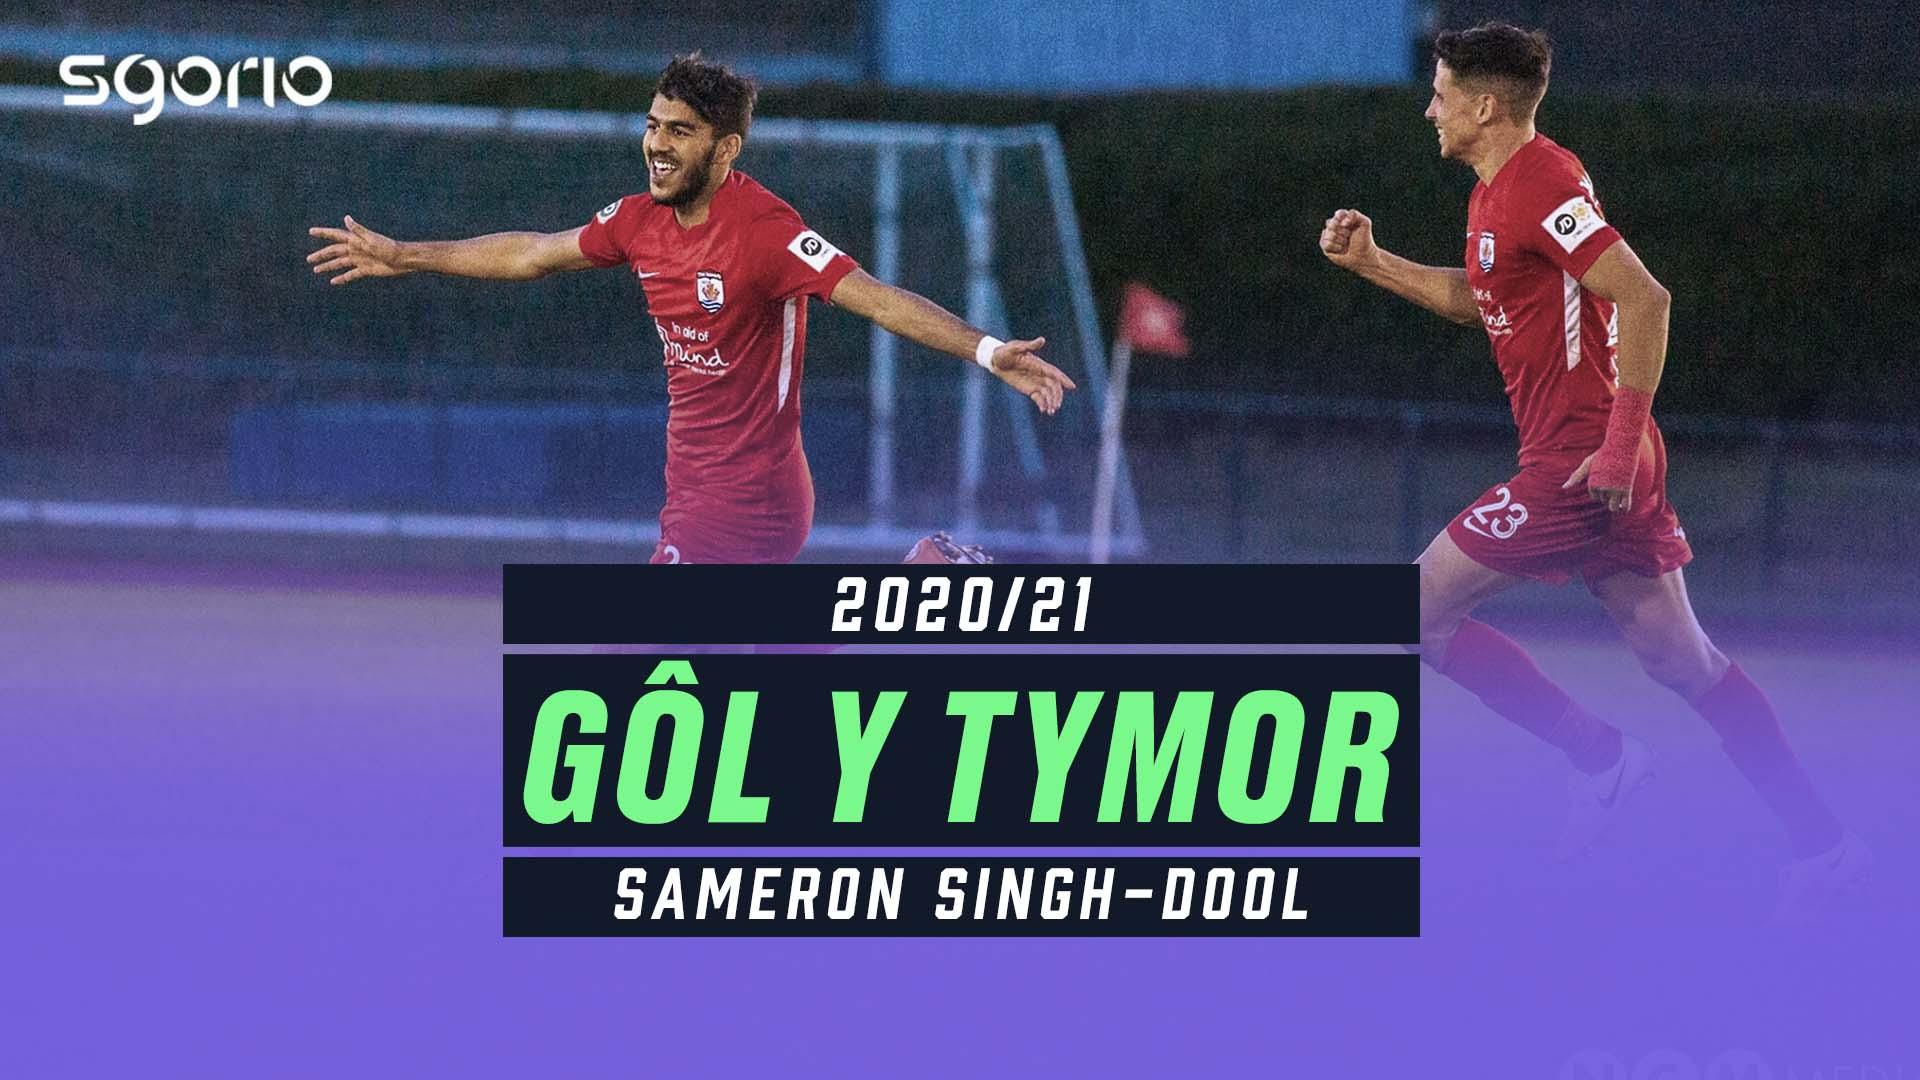 Gôl y Tymor Cymru Premier JD 2020/21